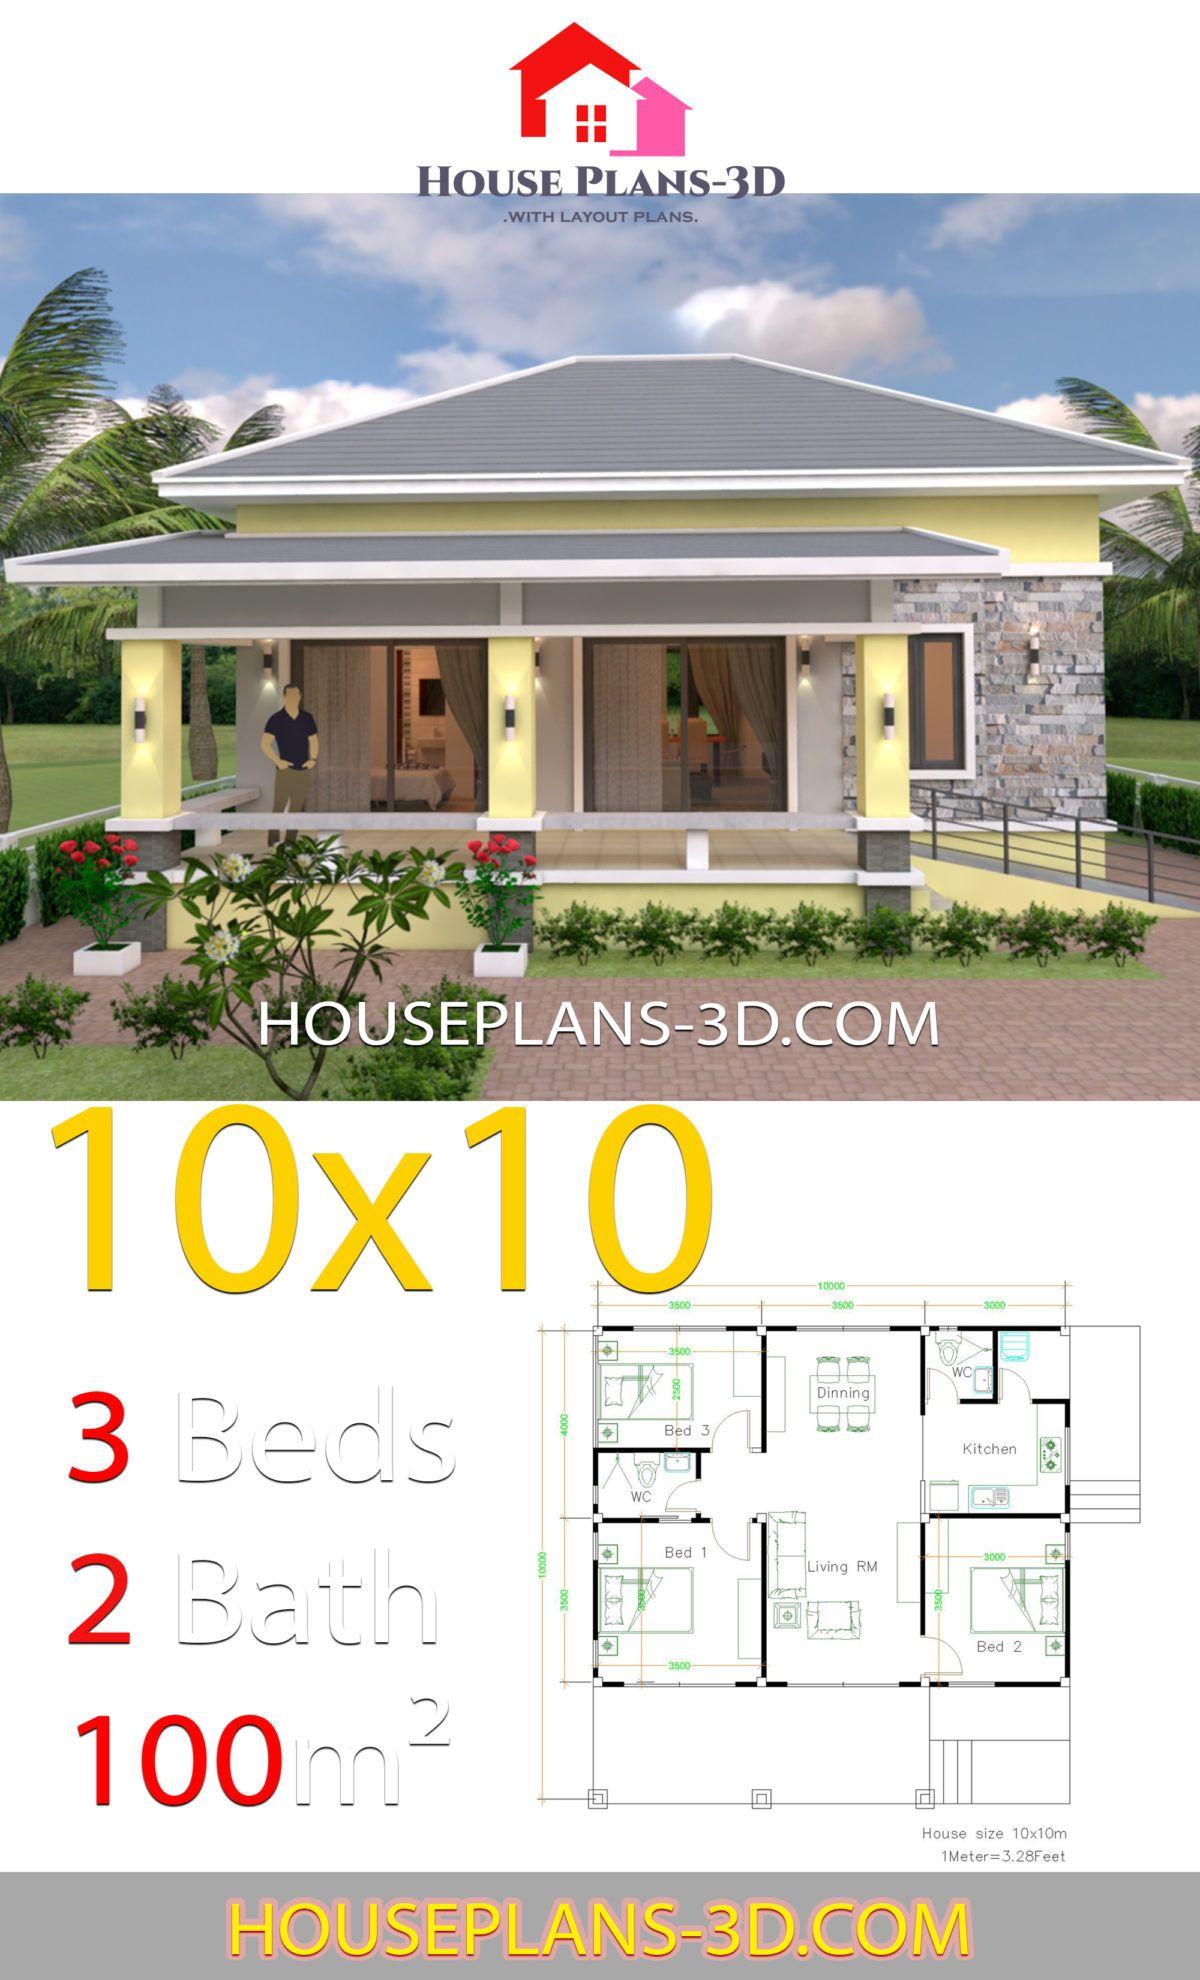 House Design 10x10 With 3 Bedrooms Hip Roof House Plans 3d Rumah Indah Desain Arsitektur Arsitektur